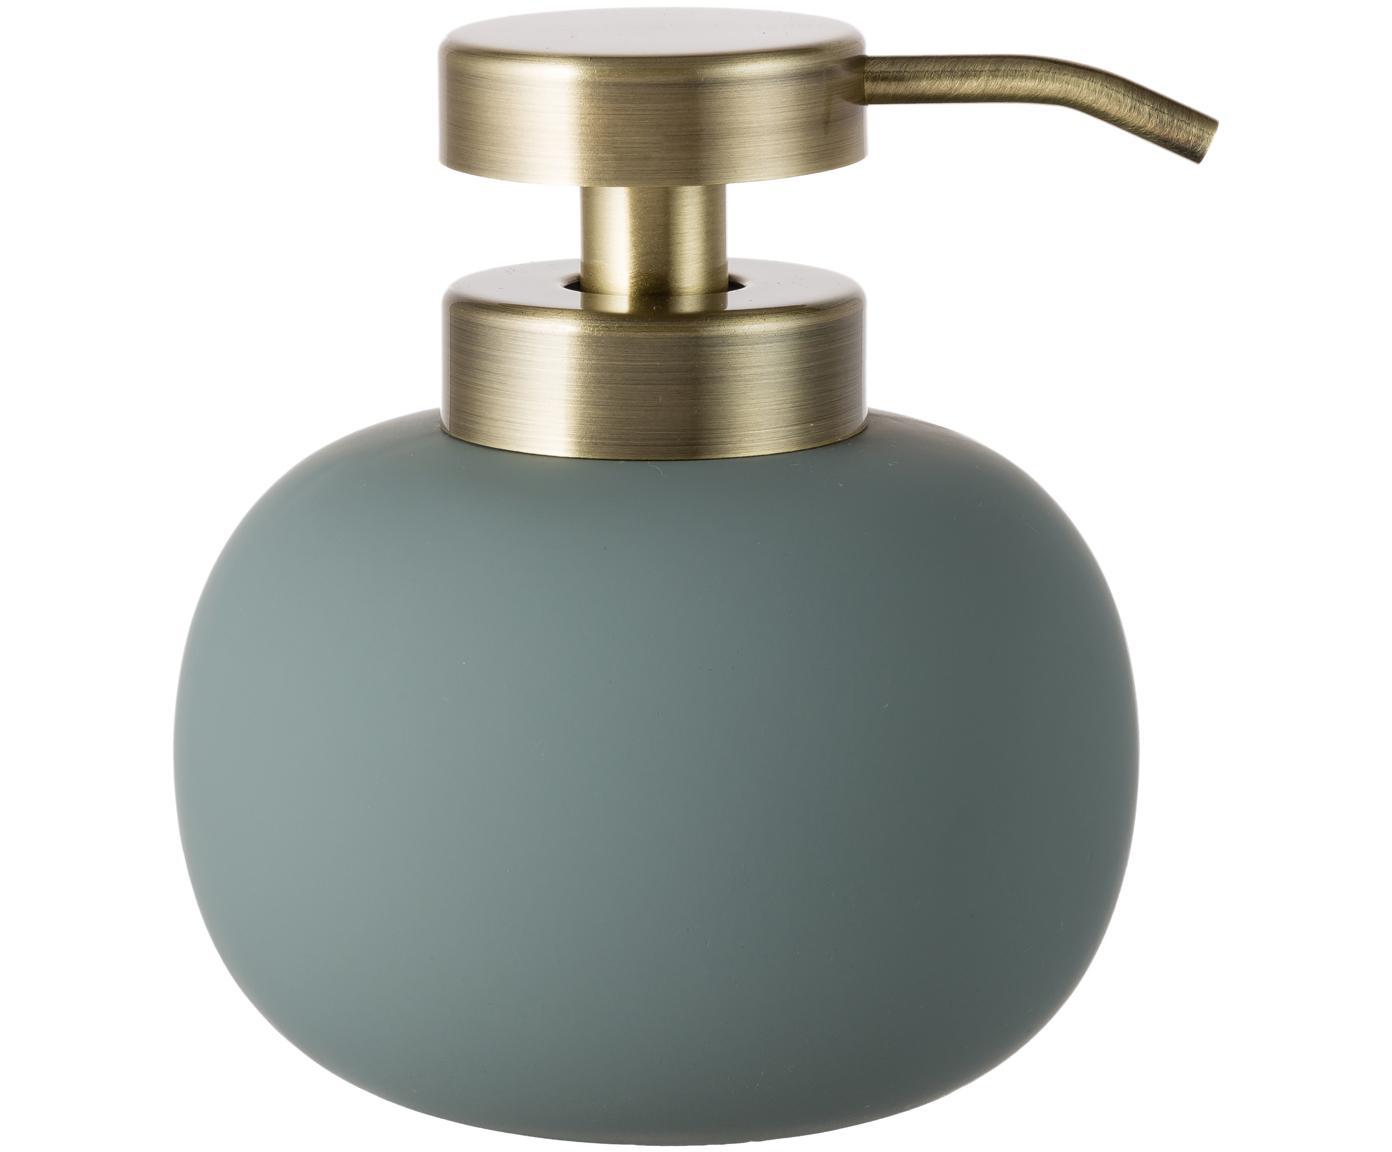 Dosificador de jabón Lotus, Recipiente: cerámica, Dosificador: metal, Verde, latón, Ø 11 x Al 13 cm